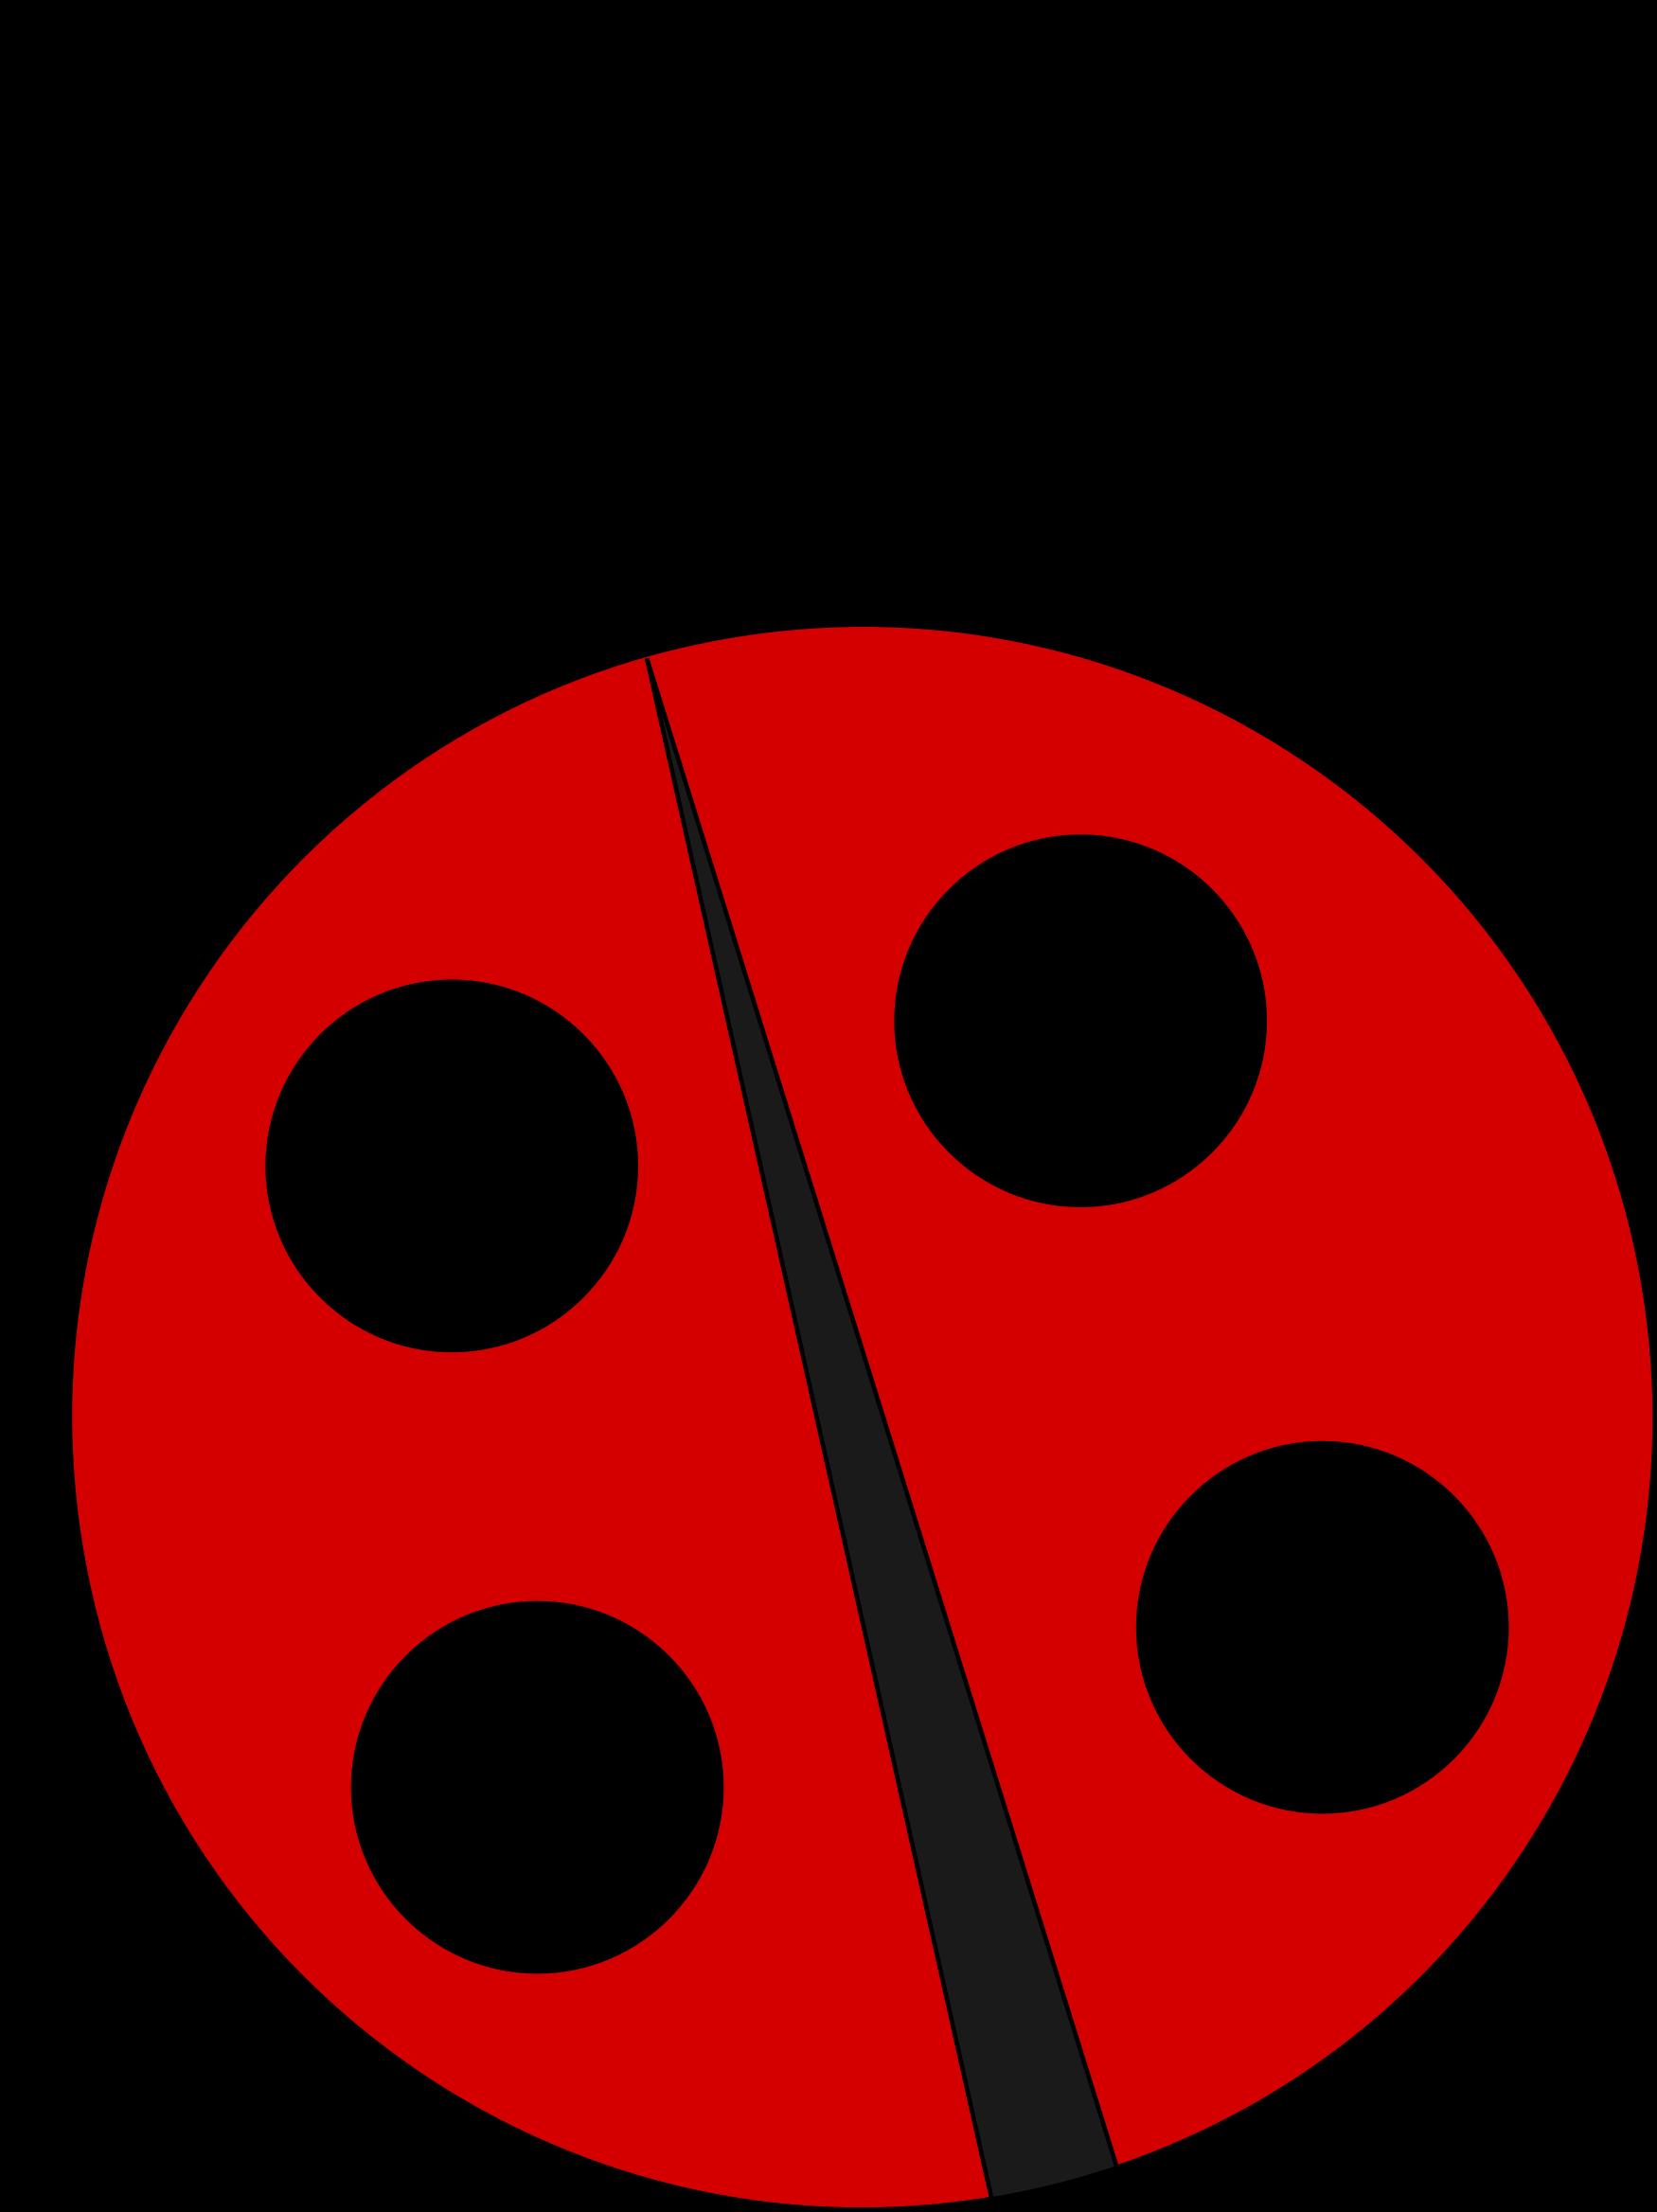 Ladybug Clipart & Ladybug Clip Art Images.